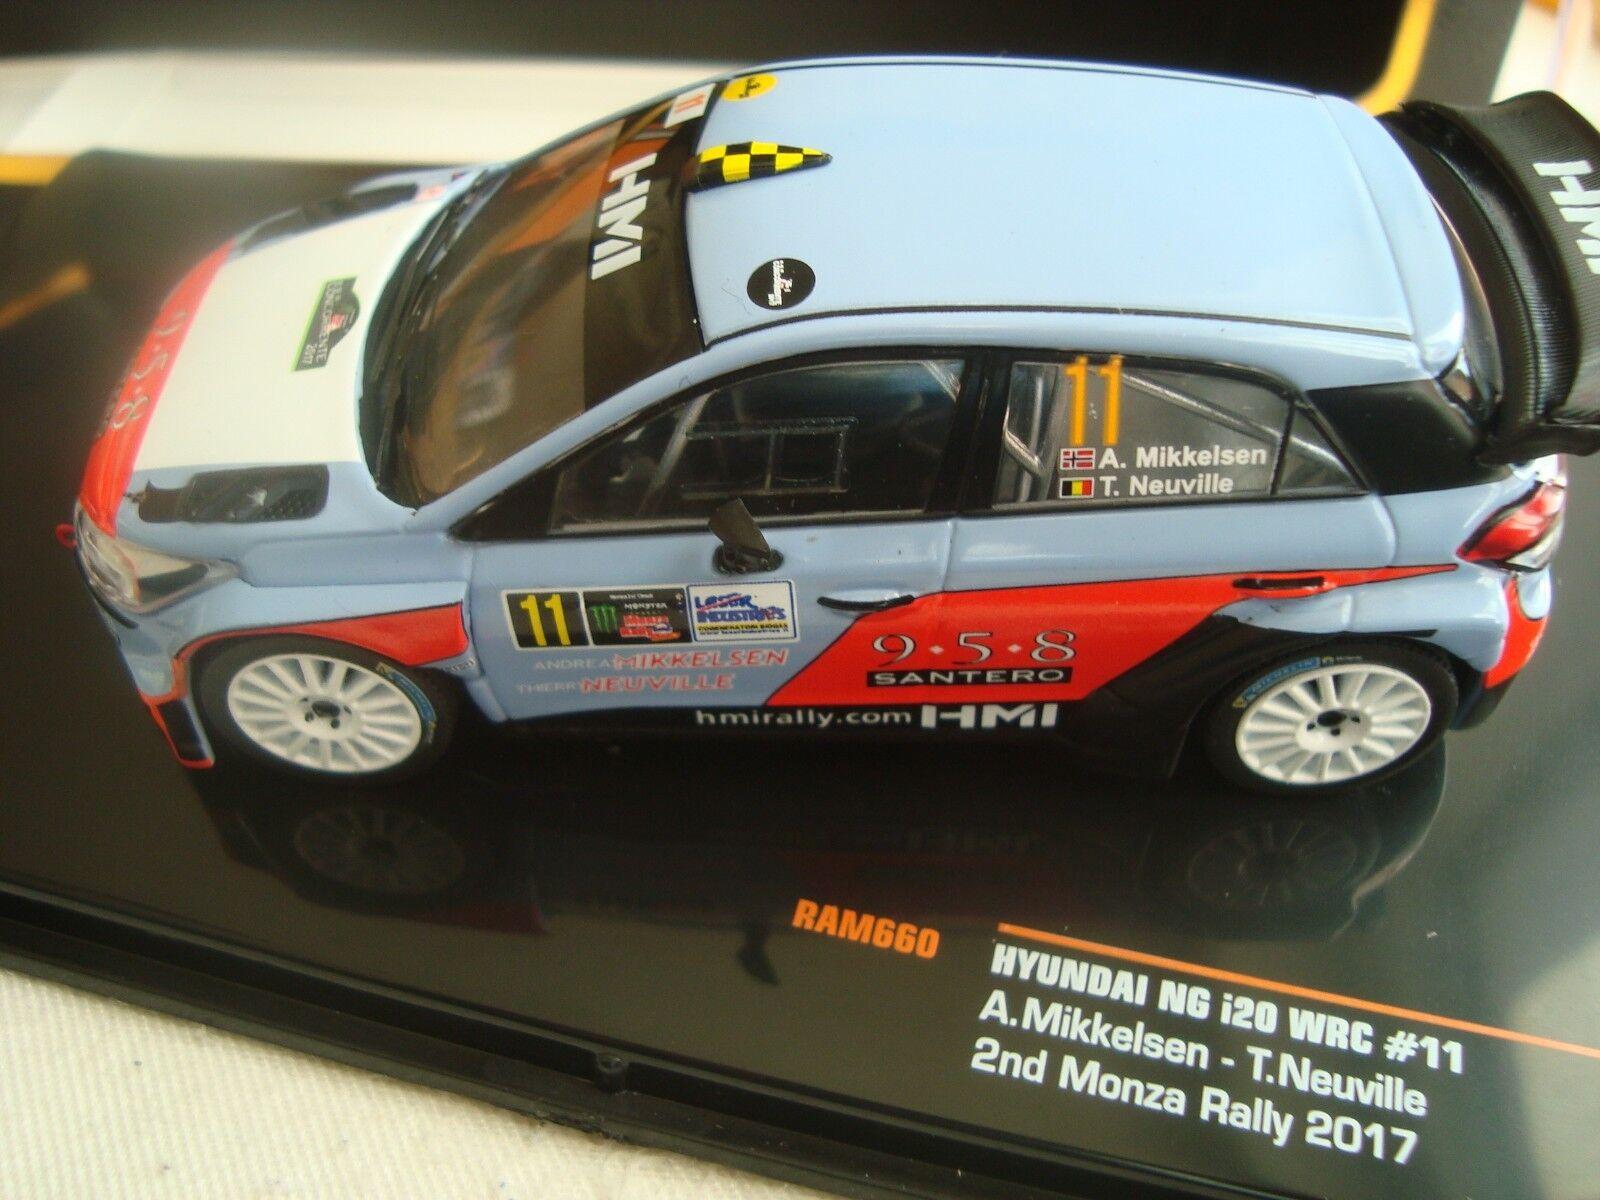 MINIATURE HYUNDAI NG 120 RAM WRC MONZA 2017 MIKKELSEN NEUVILLE  IXO RAM 120 660 1/43 8fcd3d